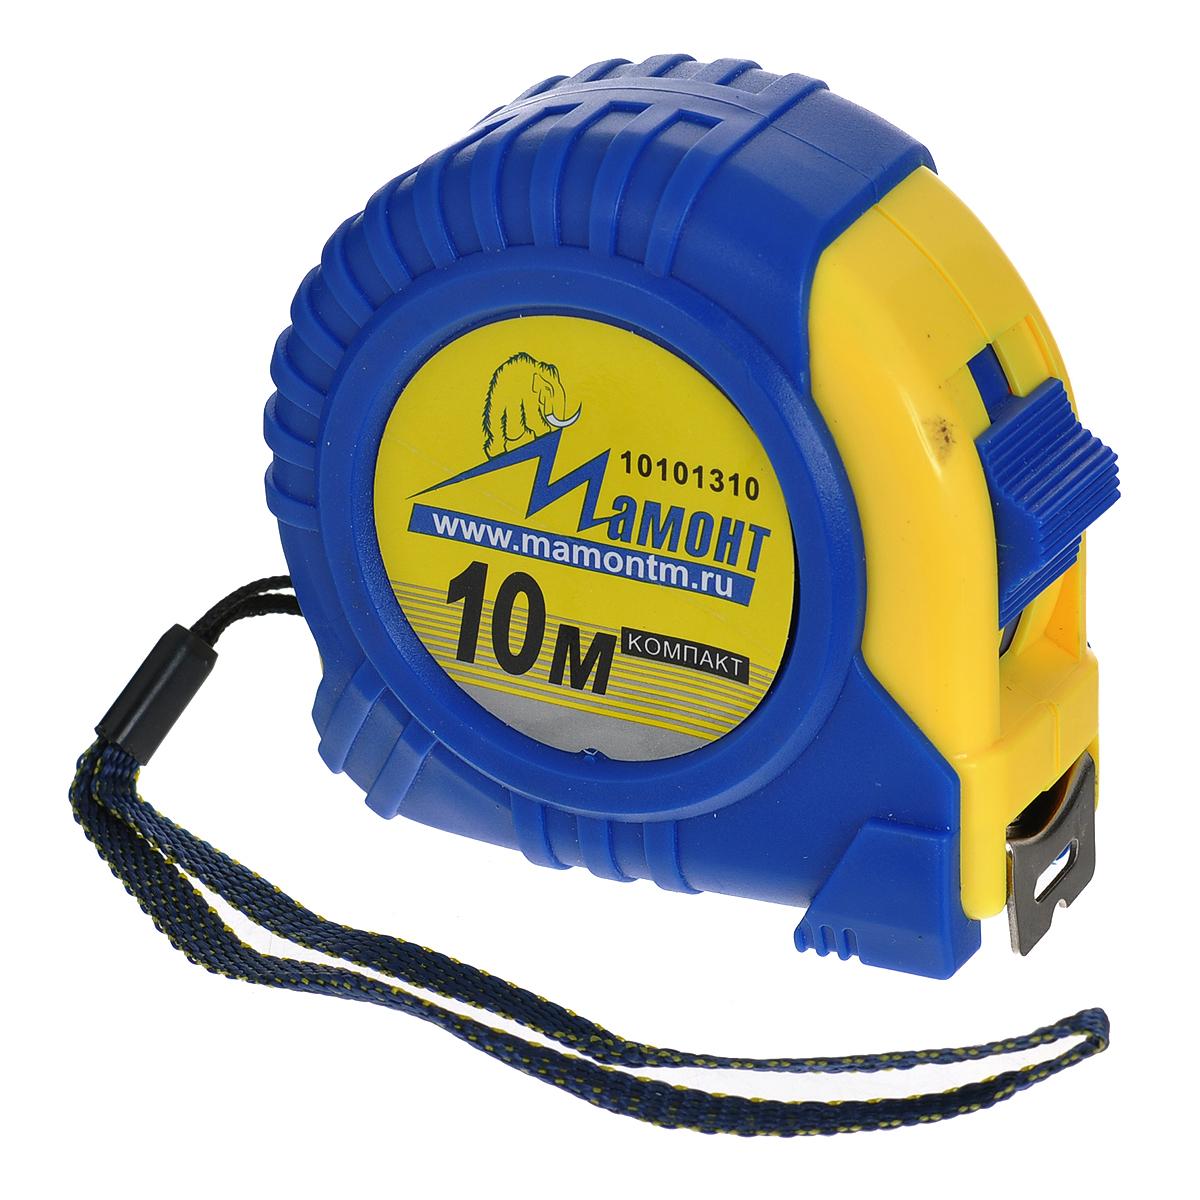 Рулетка Мамонт КОМПАКТ, 10 м х 25мм10101310Рулетка Мамонт КОМПАКТ предназначена для выполнения измерительных работ. Выполнена в обрезиненном корпусе. Имеет ремешок для переноски. Мощный автоматический механизм возврата мерной ленты. Фиксатор ленты для удобства проведения измерений. Легкое считывание замеров обеспечивает удобная шкала с крупными цифрами. Металлический зажим для крепления. Ширина ленты: 2,5 см.